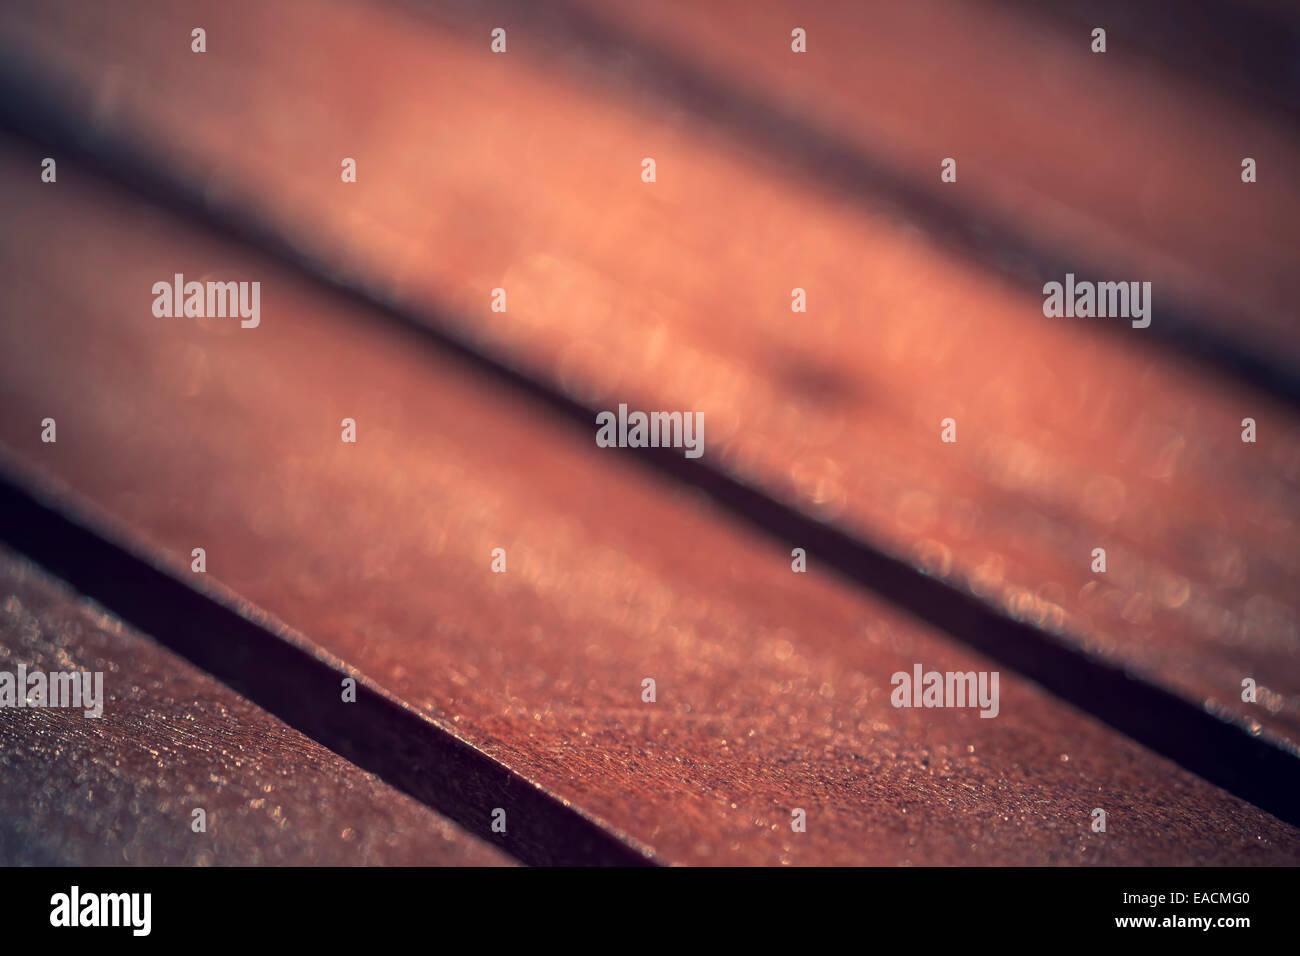 Resumen Antecedentes La tabla de madera Imagen De Stock